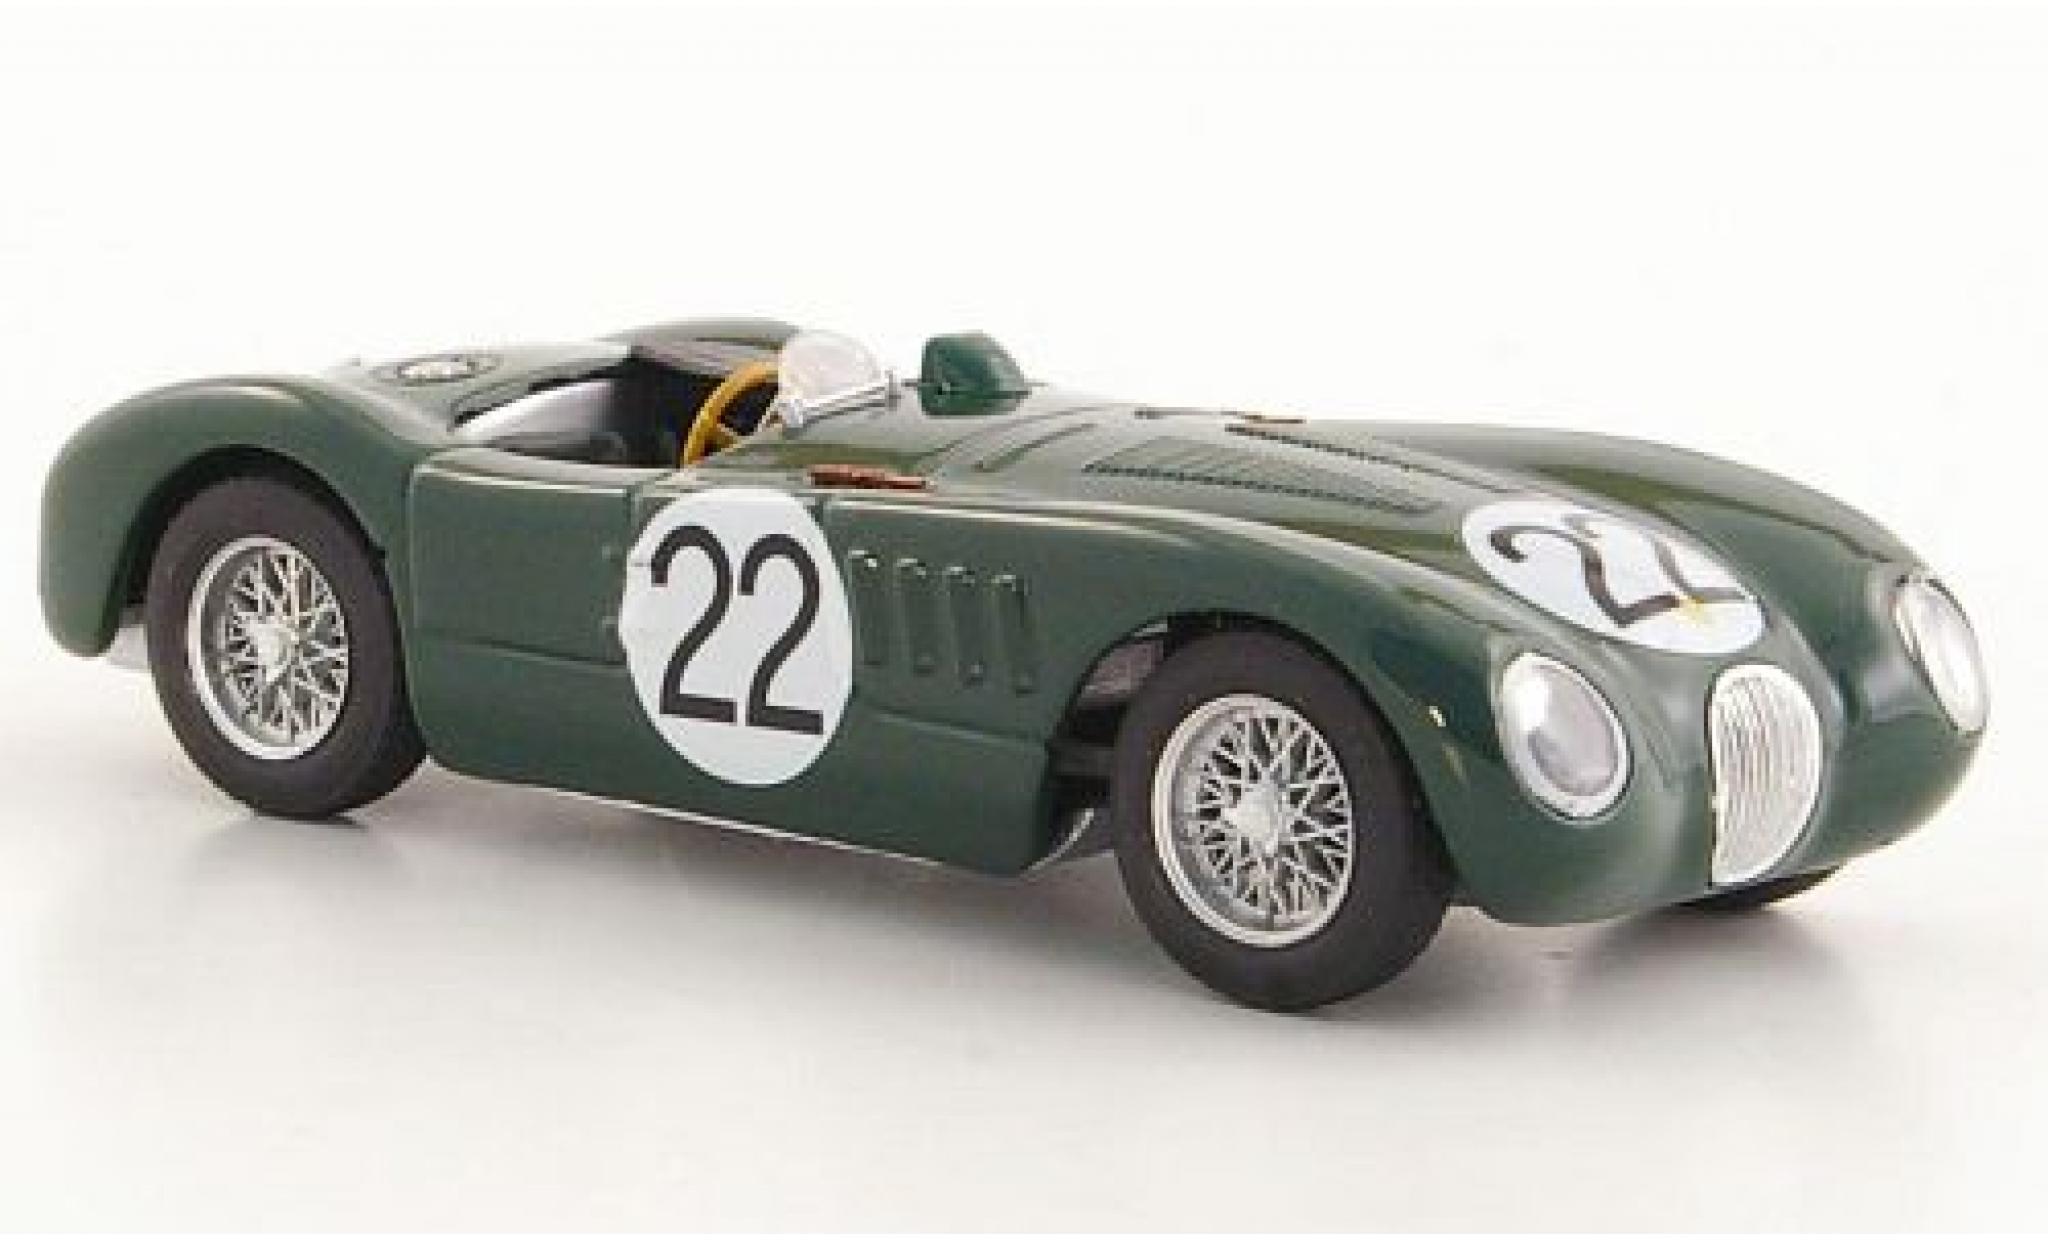 Jaguar C-Type 1/43 Brumm RHD No.22 24h Le Mans 1951 Moss Collection S.Moss/J.Fairman